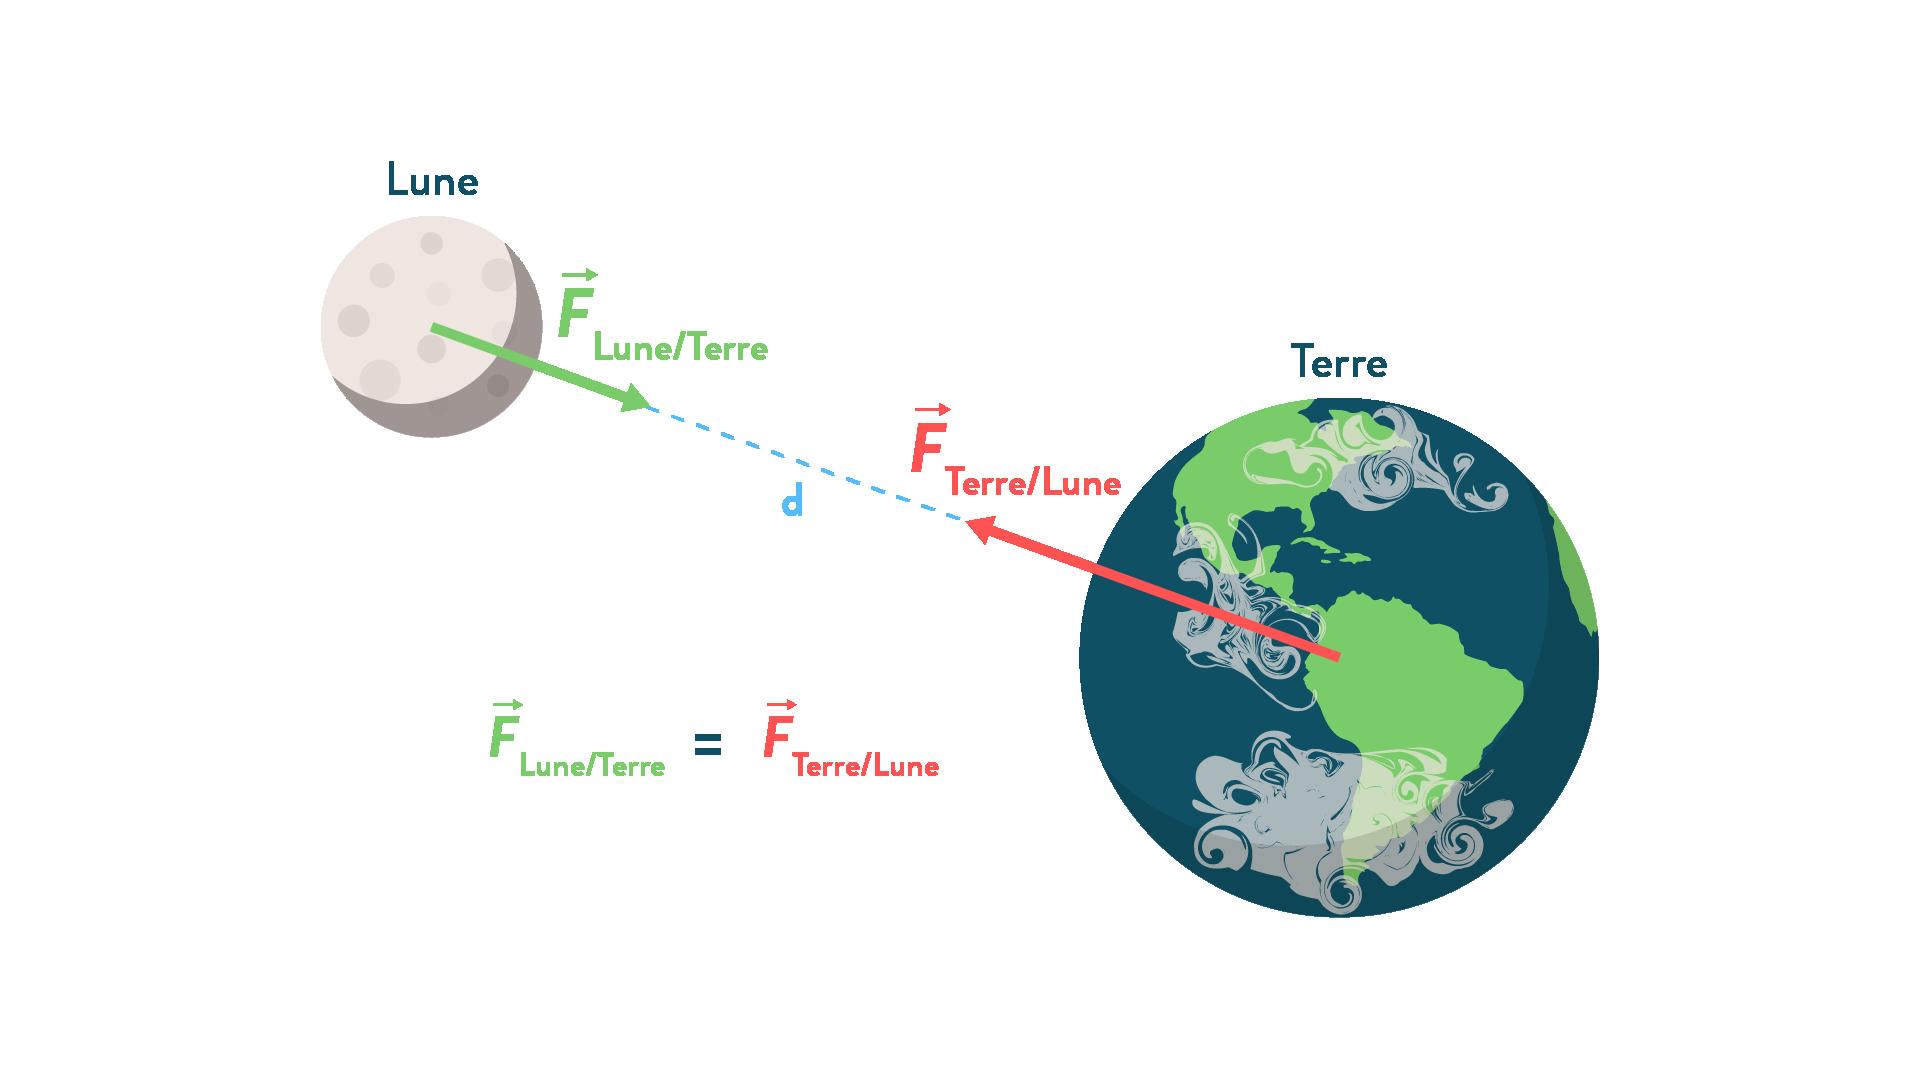 forces d'attraction gravitationnelles exercées mutuellement par la Terre et la Lune